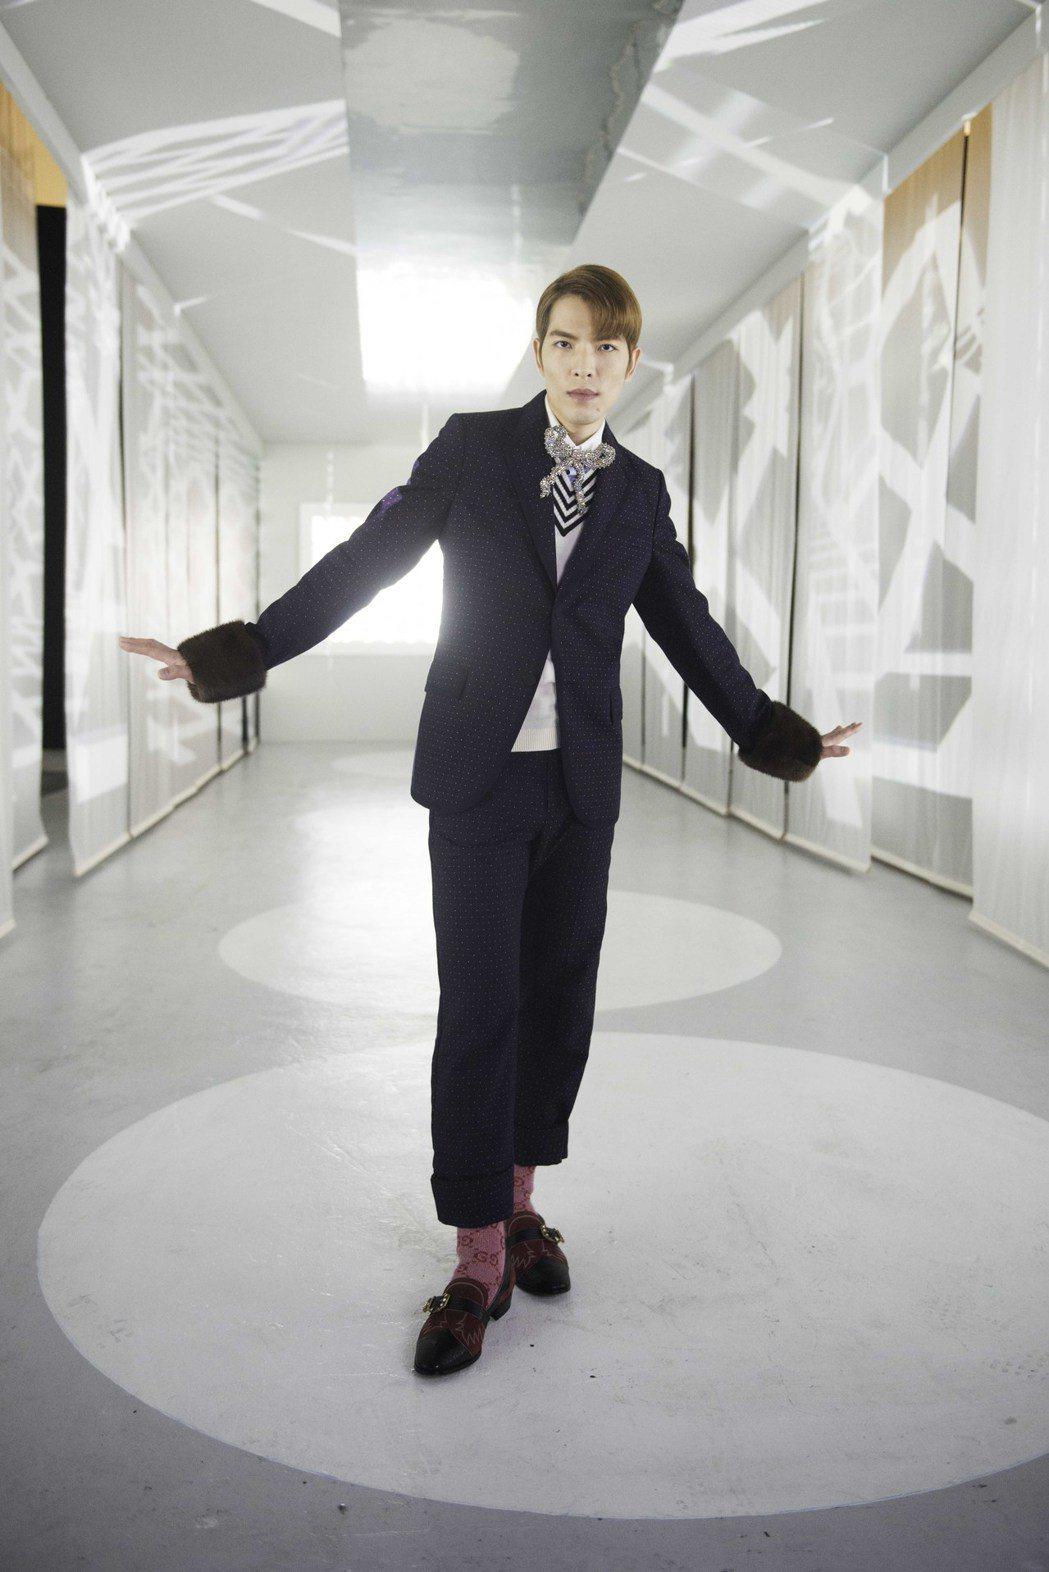 蕭敬騰為了新歌「皮囊」MV,嘗試多變造型。圖/華納音樂提供